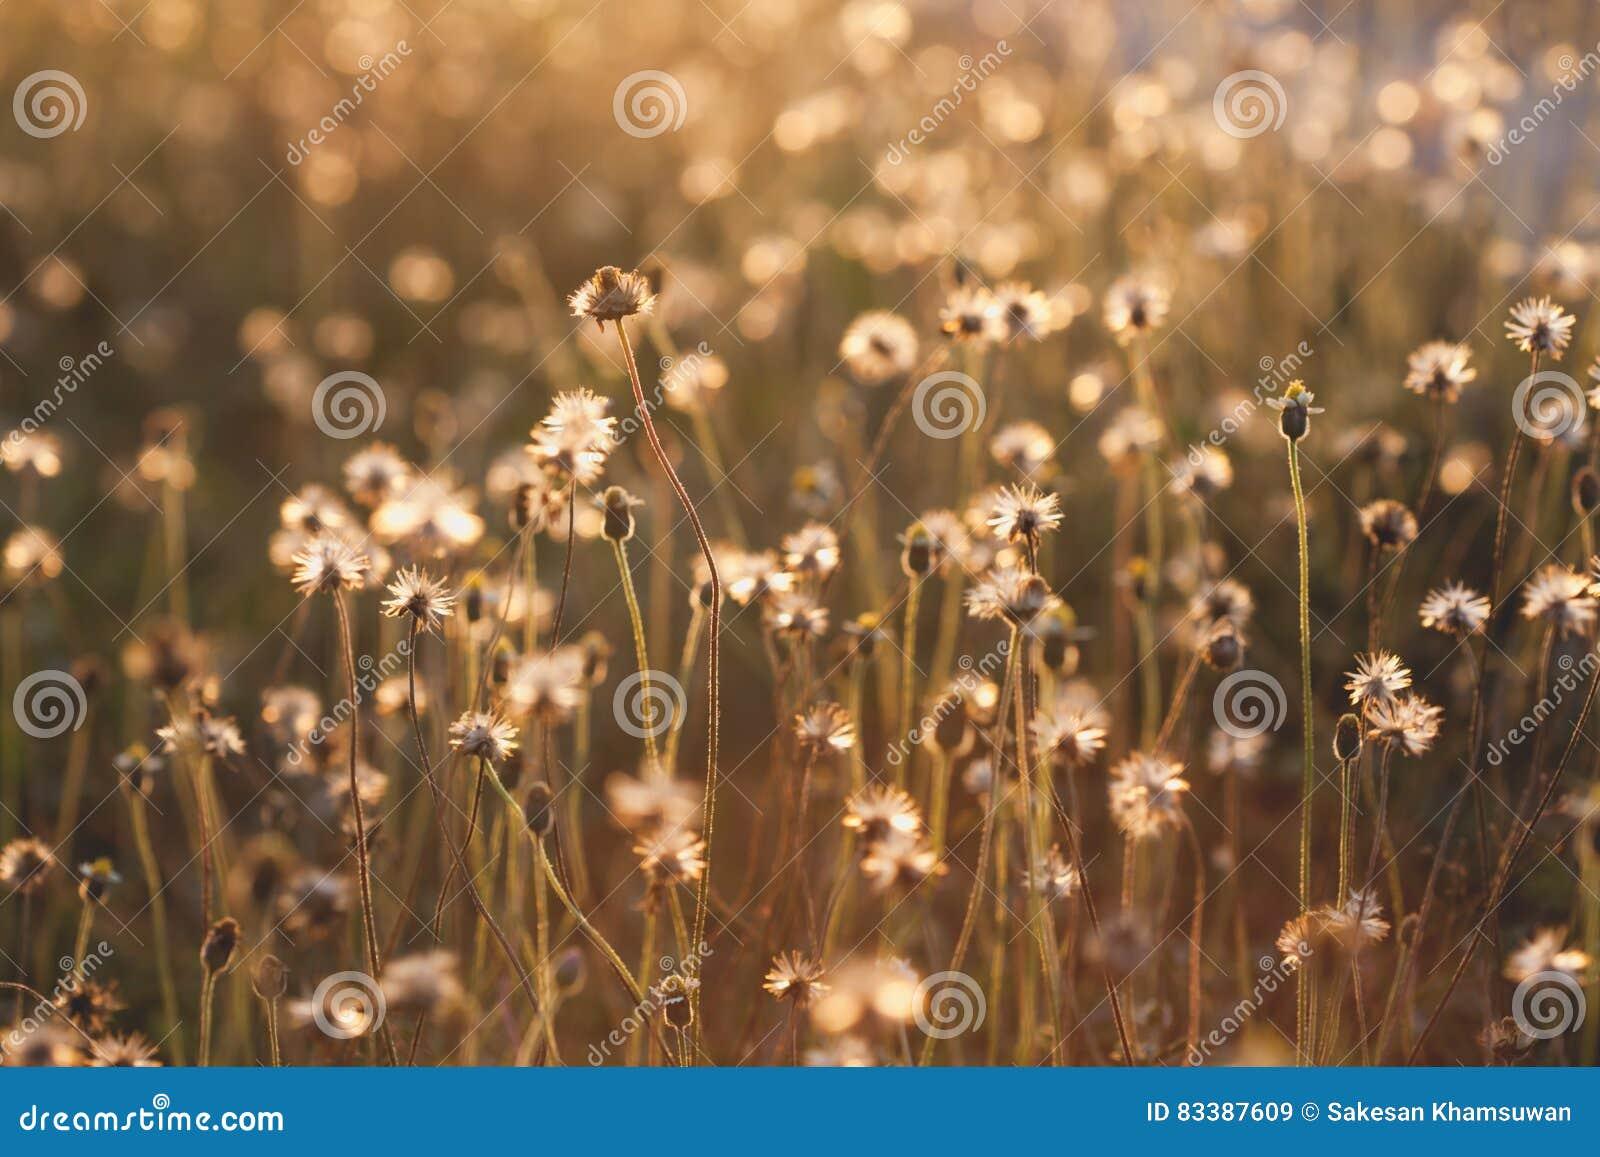 Makro med extremt grund DOF av gräsblomman i pastell